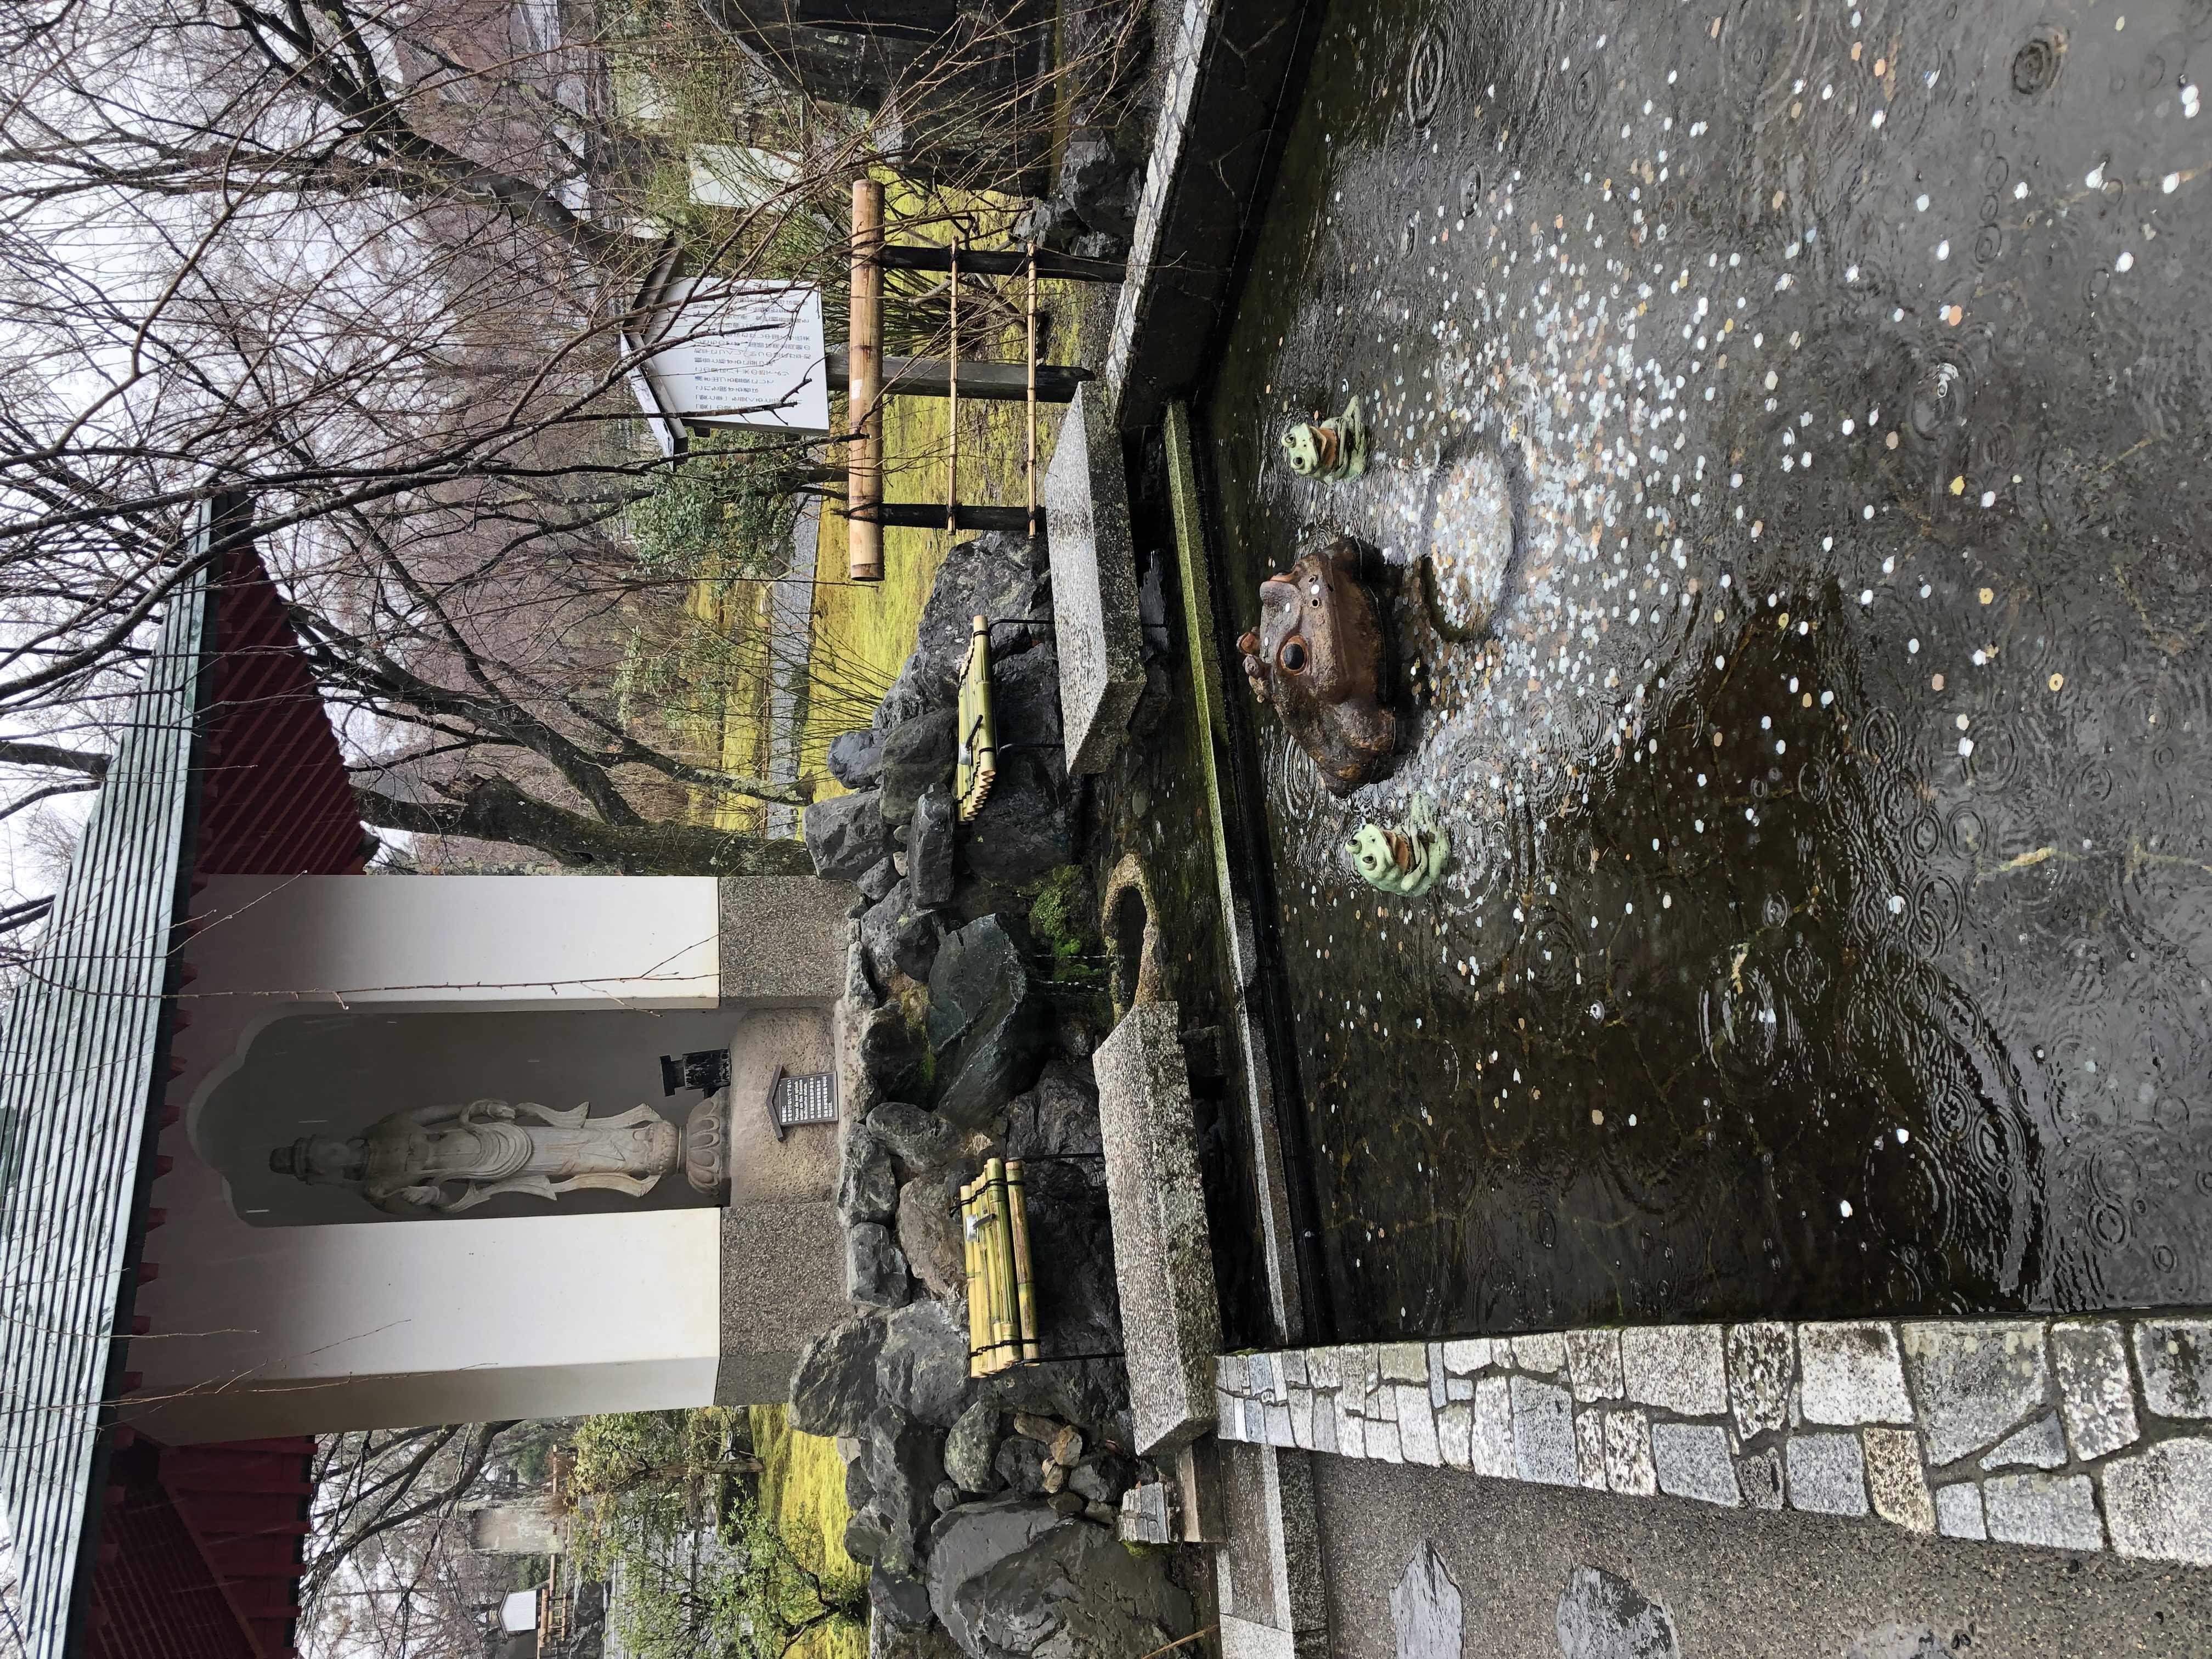 img 0806 - 世界文化遺產 天龍寺, 京都景點, 京都自由行, 天龍寺, 嵯峨嵐山景點